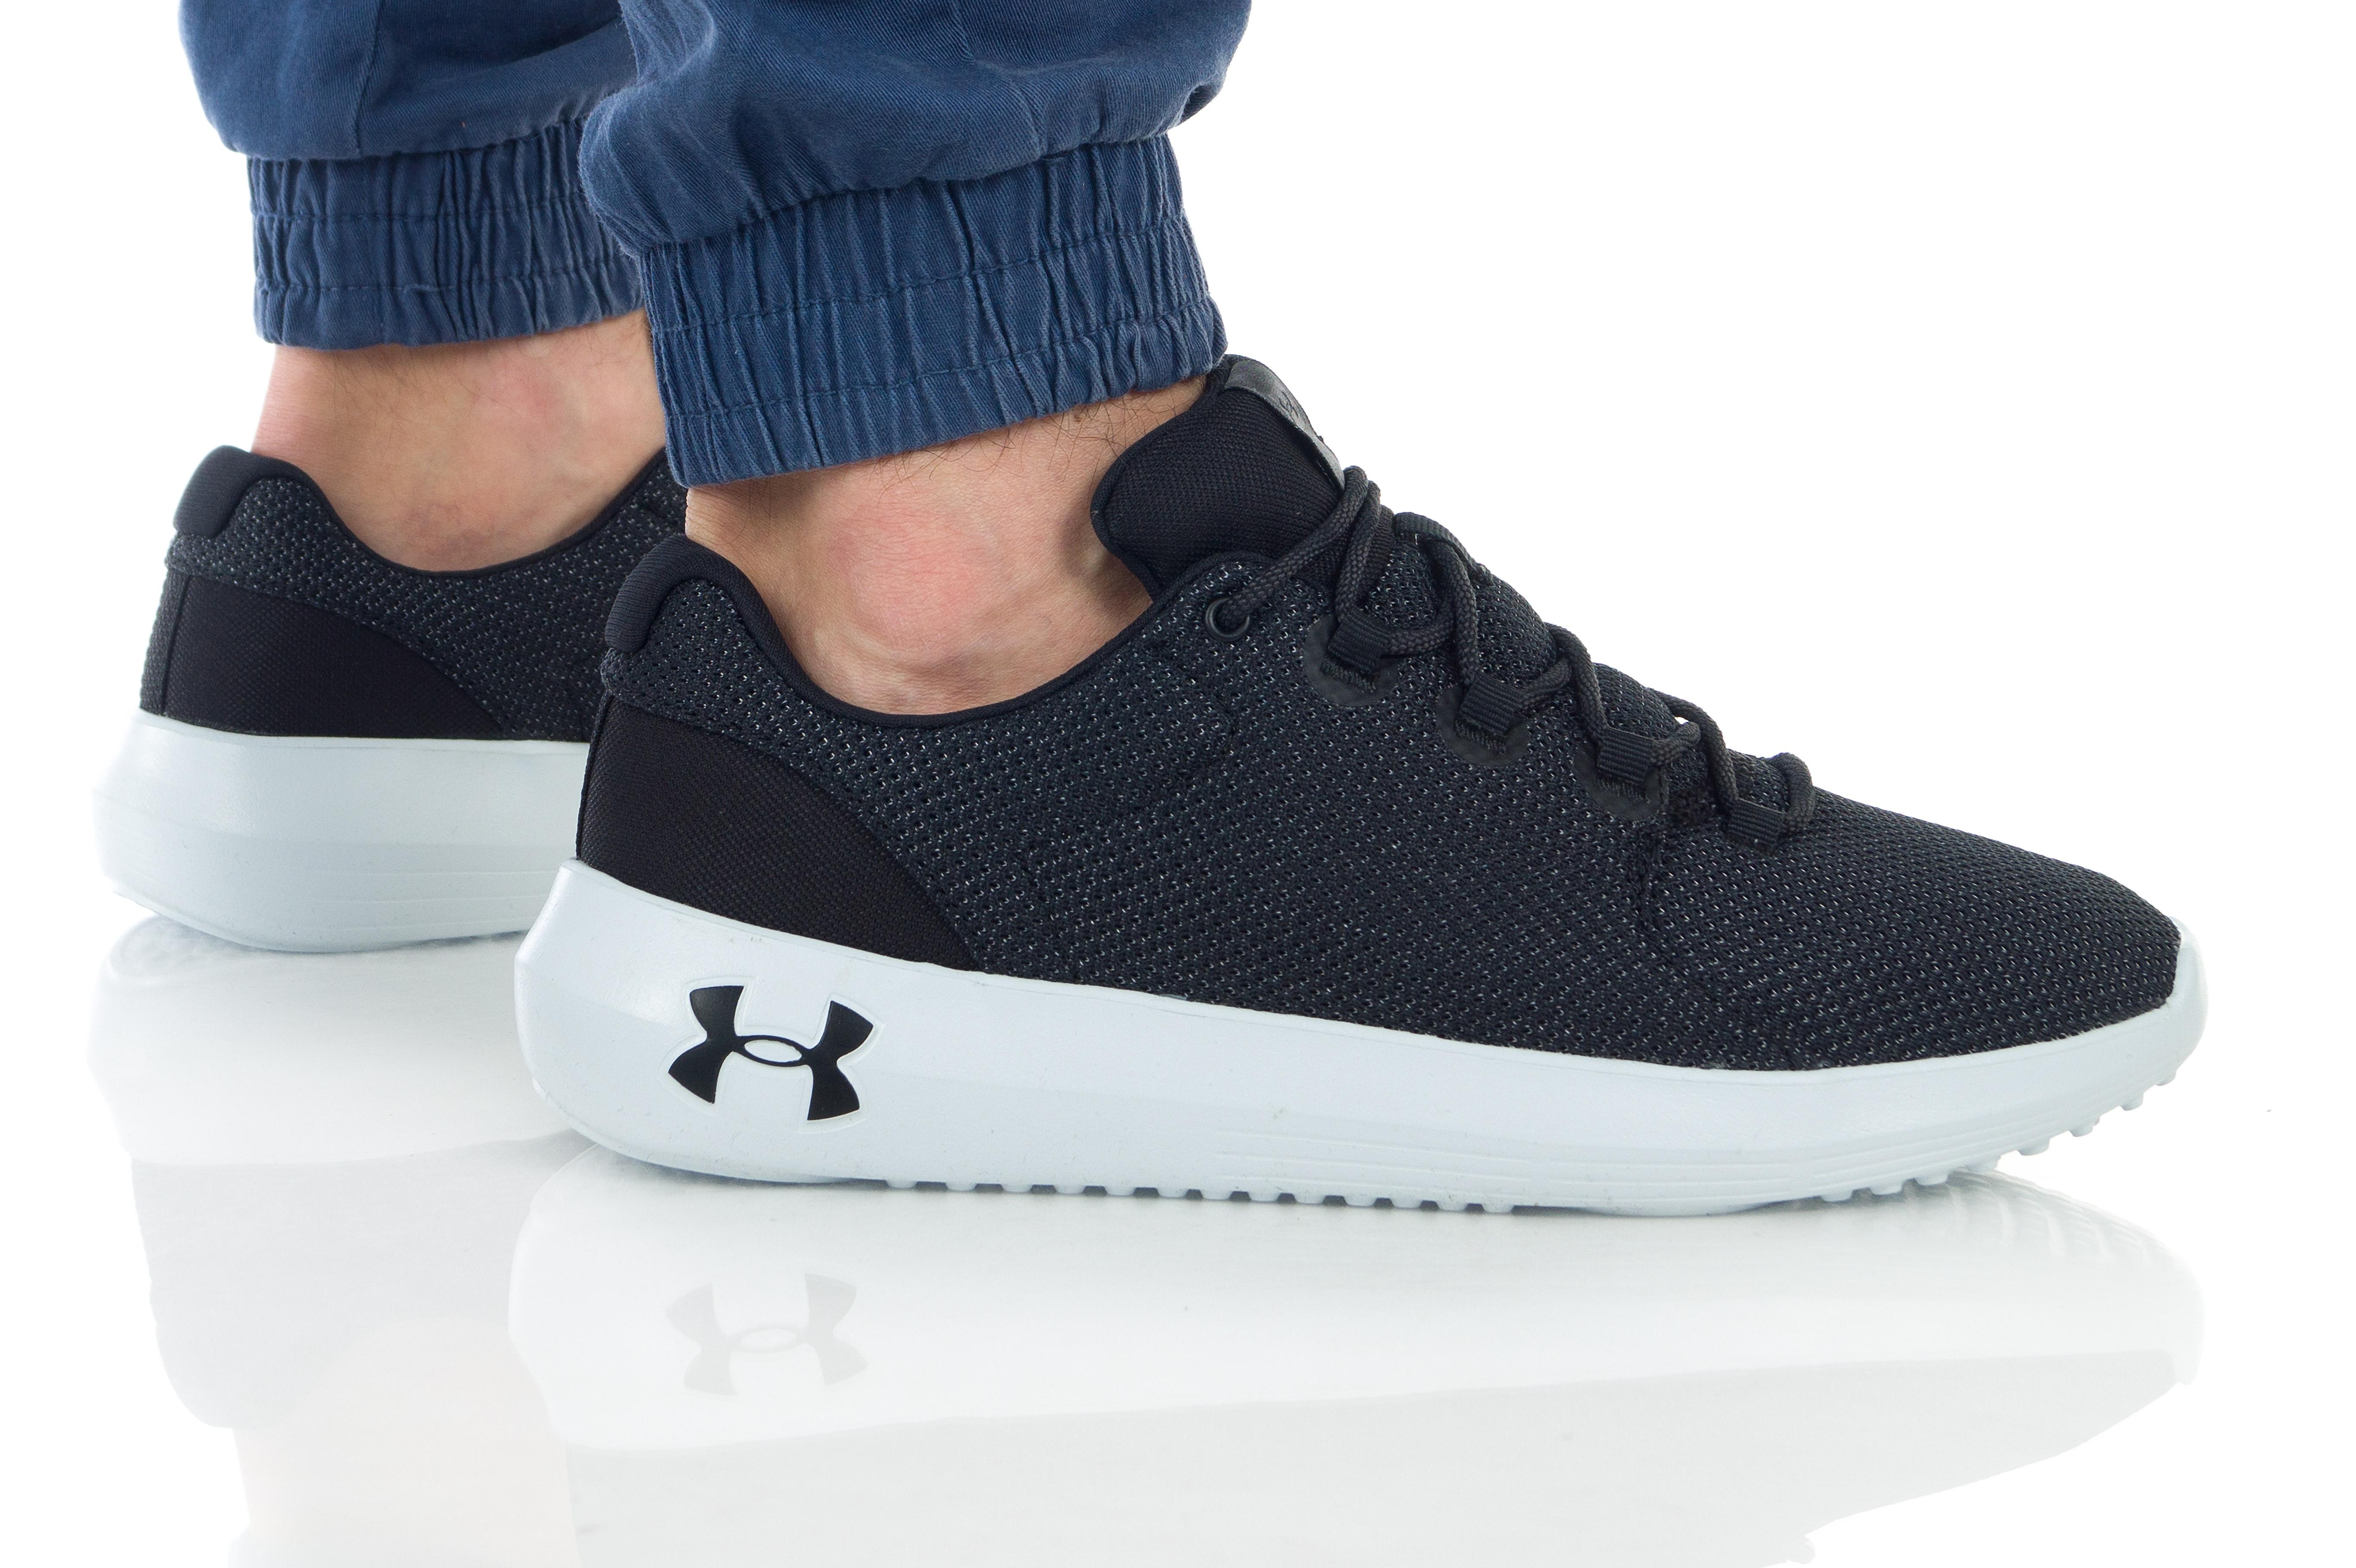 נעליים אנדר ארמור לגברים Under Armour Ripple 2.0 NM1 - שחור